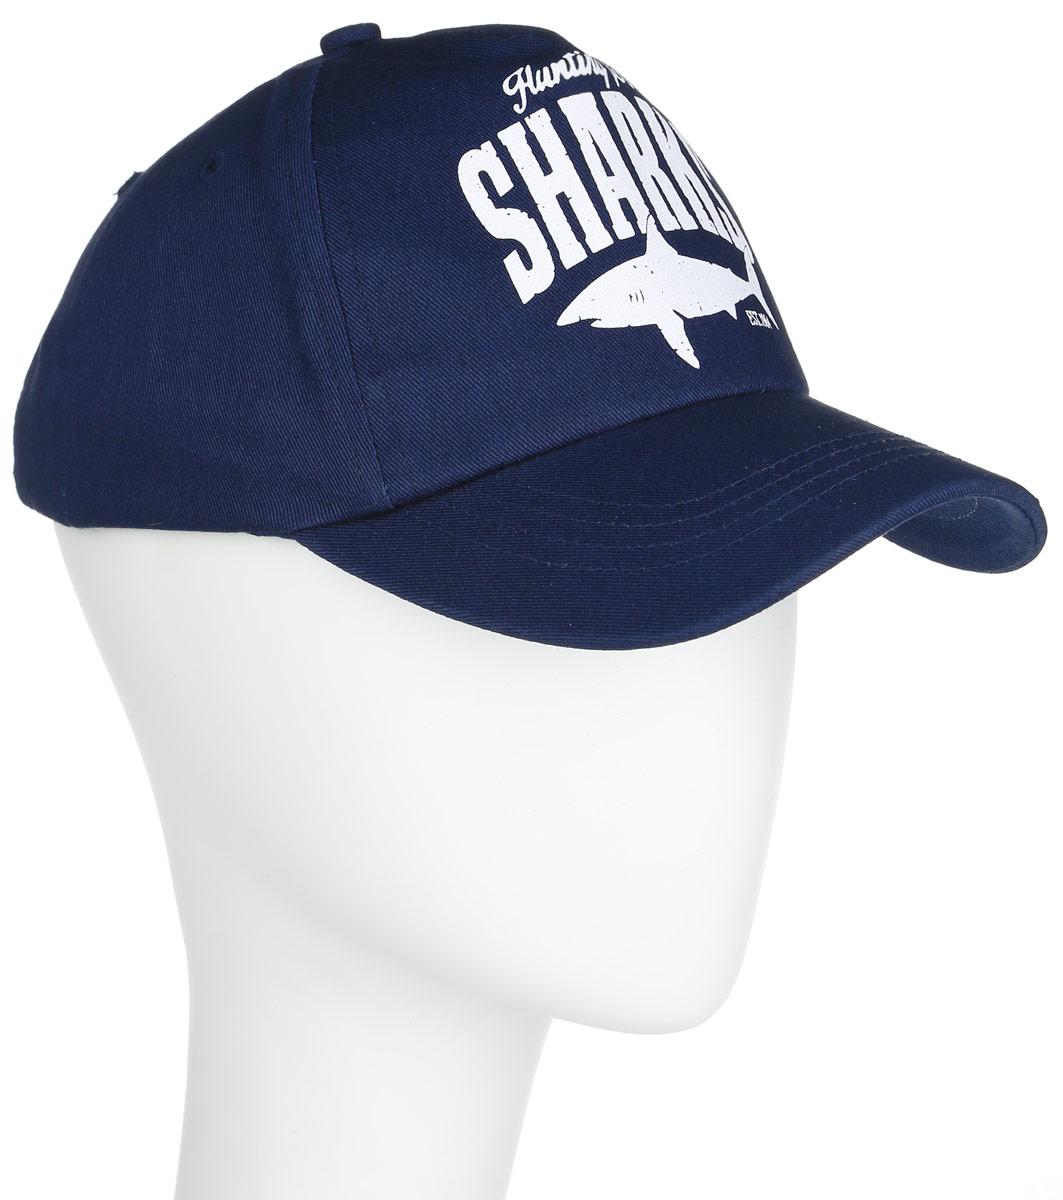 CAP-841/252-6102Бейсболка для мальчика Sela защитит голову вашего мальчика от солнца и сильного ветра. Изготовленная из натурального хлопка, она не раздражает даже самую нежную и чувствительную кожу ребенка и хорошо вентилируется. Модель дополнена твердым козырьком. Обхват бейсболки регулируется с помощью хлястика с липучкой. Модель украшена изображением акулы и принтовыми надписями. Оригинальный дизайн и расцветка делают эту бейсболку модным и стильным предметом детского гардероба. В ней ваш маленький модник всегда будет в центре внимания!